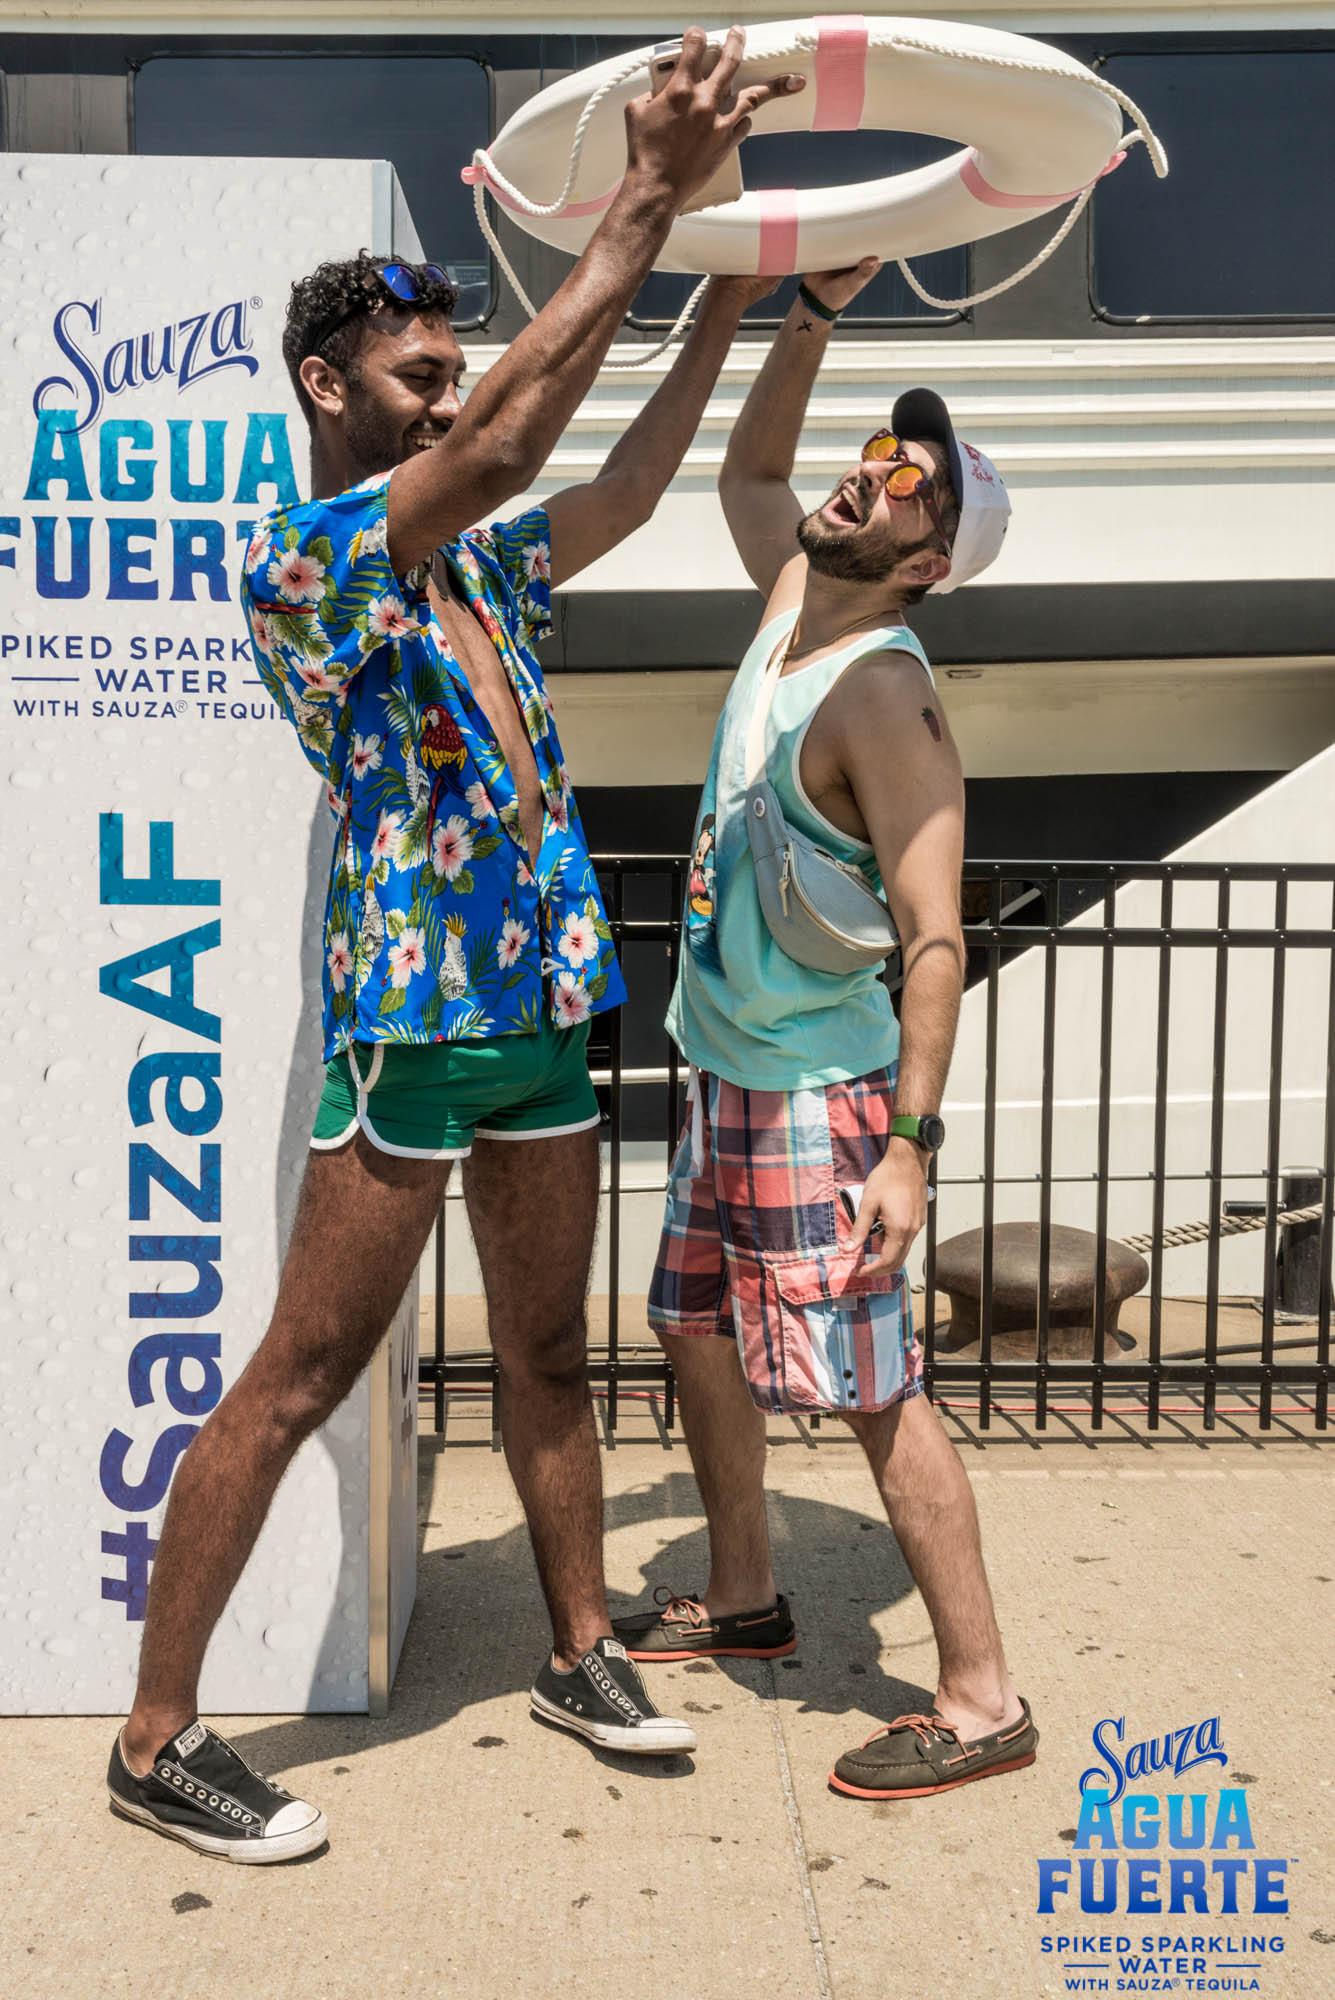 AguaFuerteLogo-78.jpg